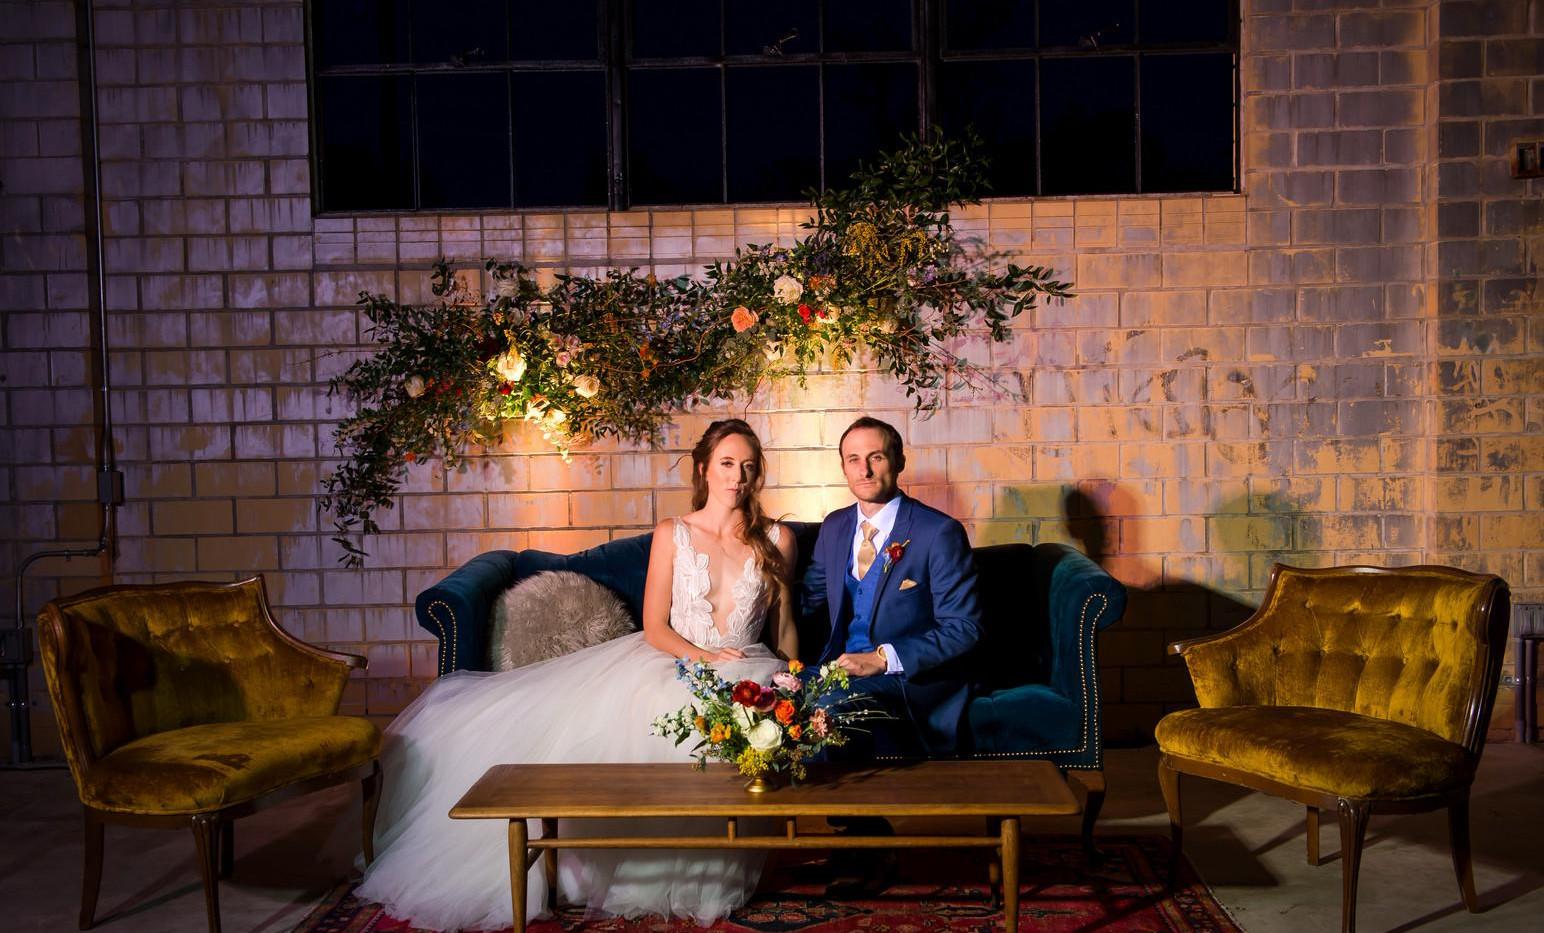 Featured in Tacari Weddings